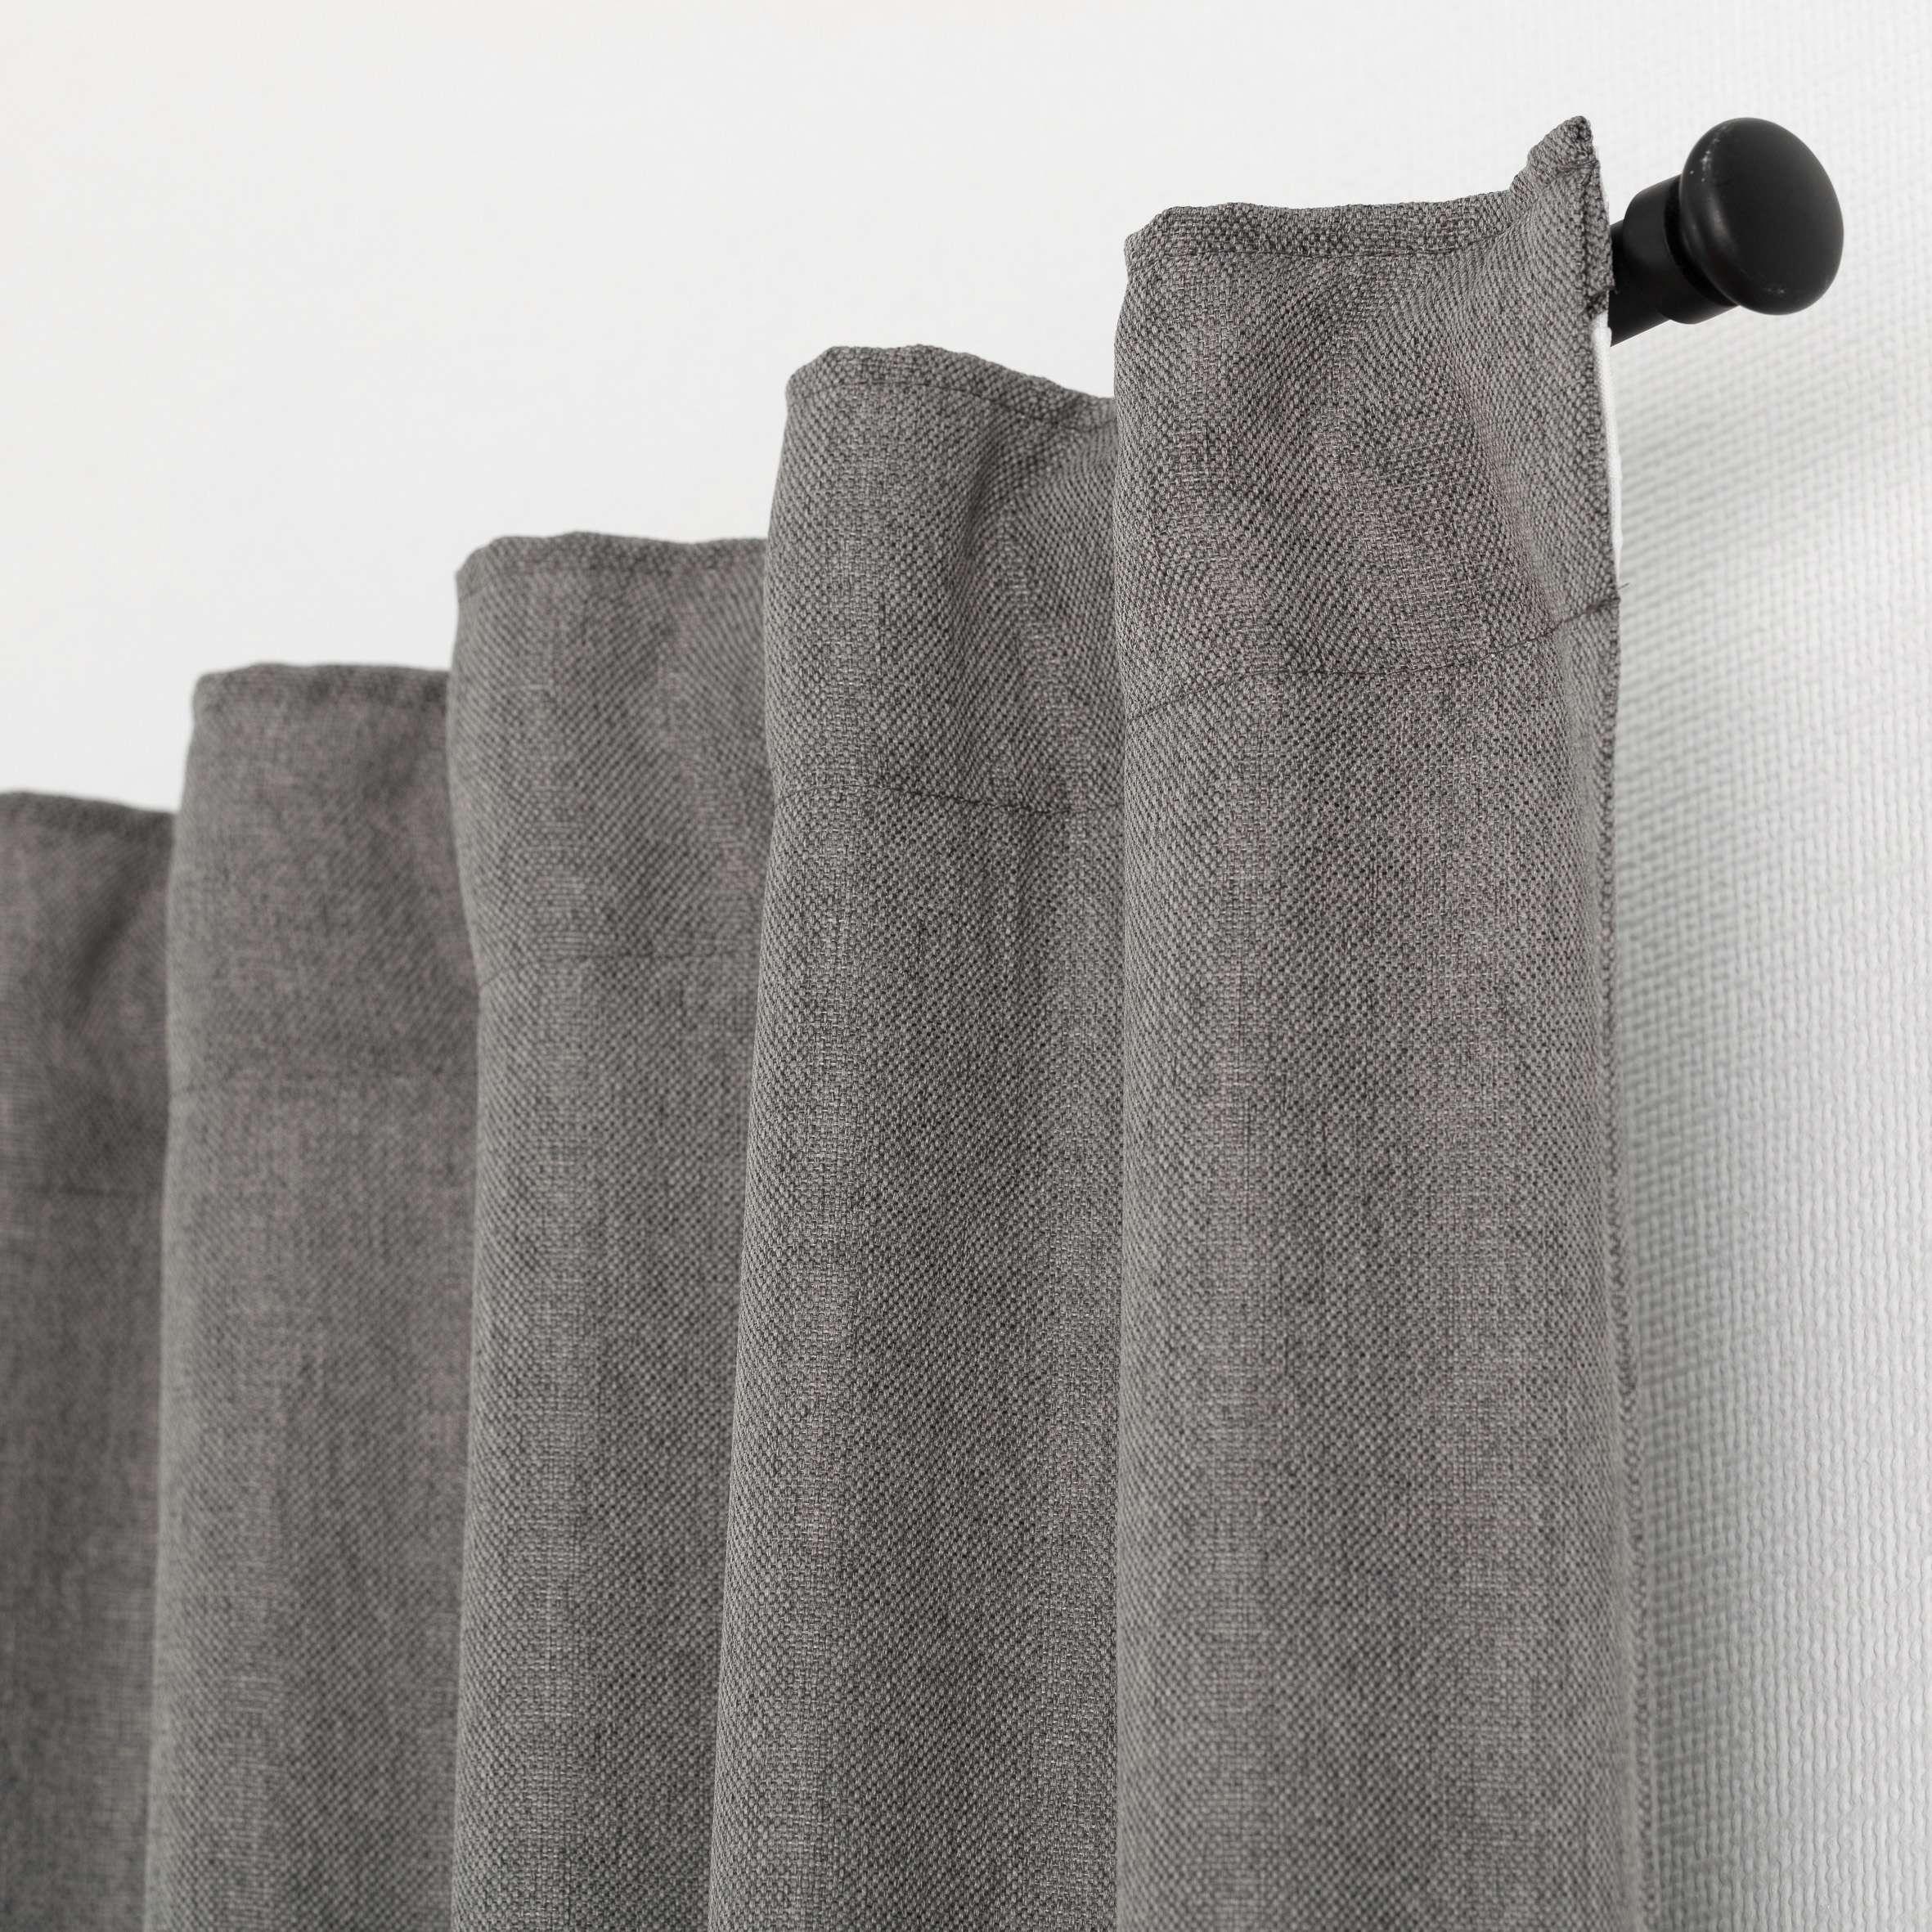 Kant en klaar gordijn BASIC met plooiband 140x300cm, taupe